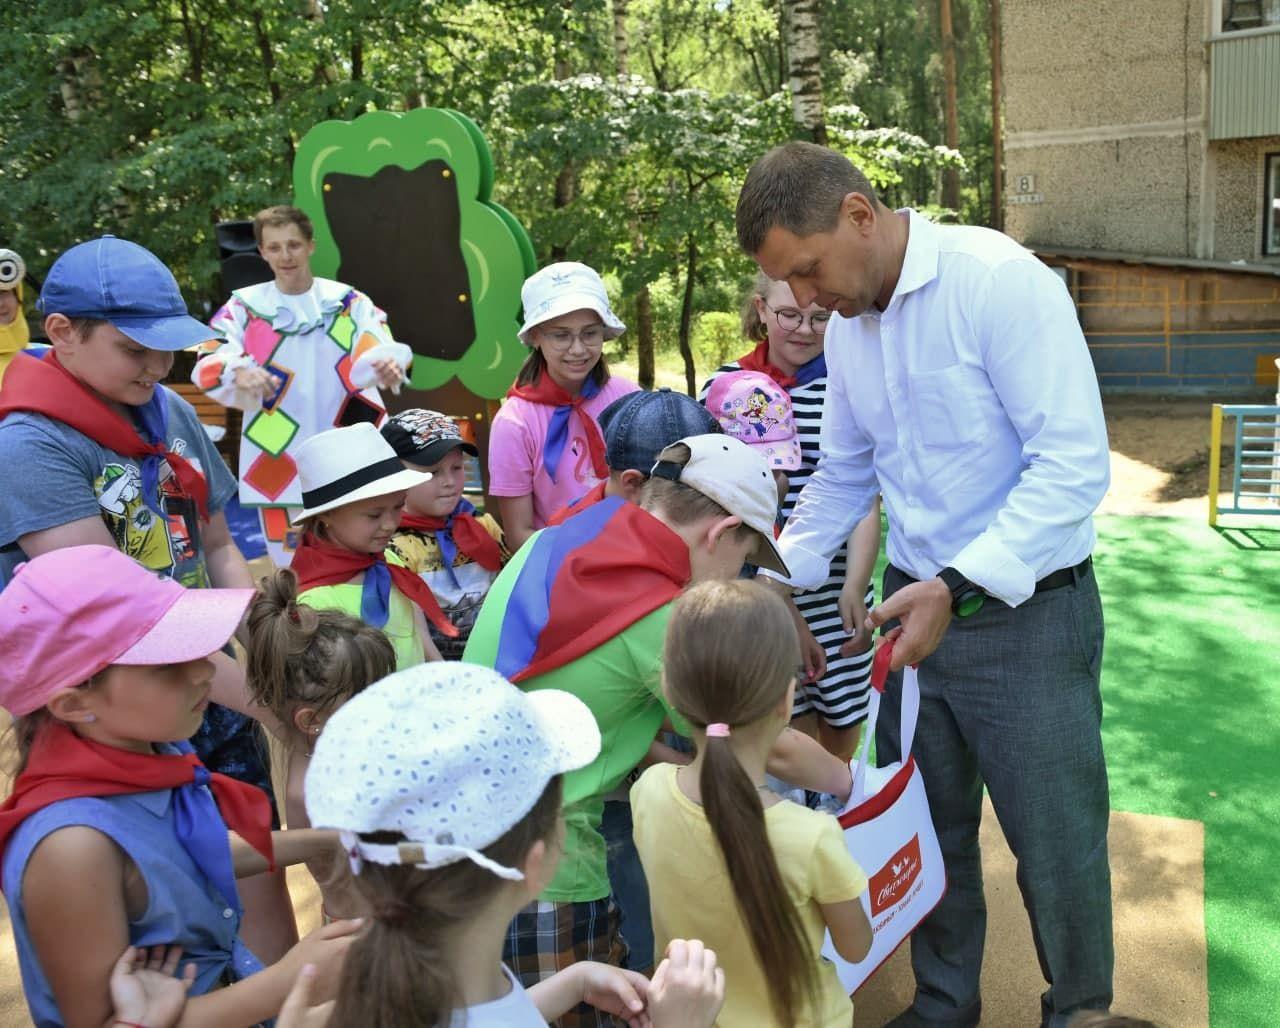 Губернаторскую детскую площадку открыли в микрорайоне Дмитрова2